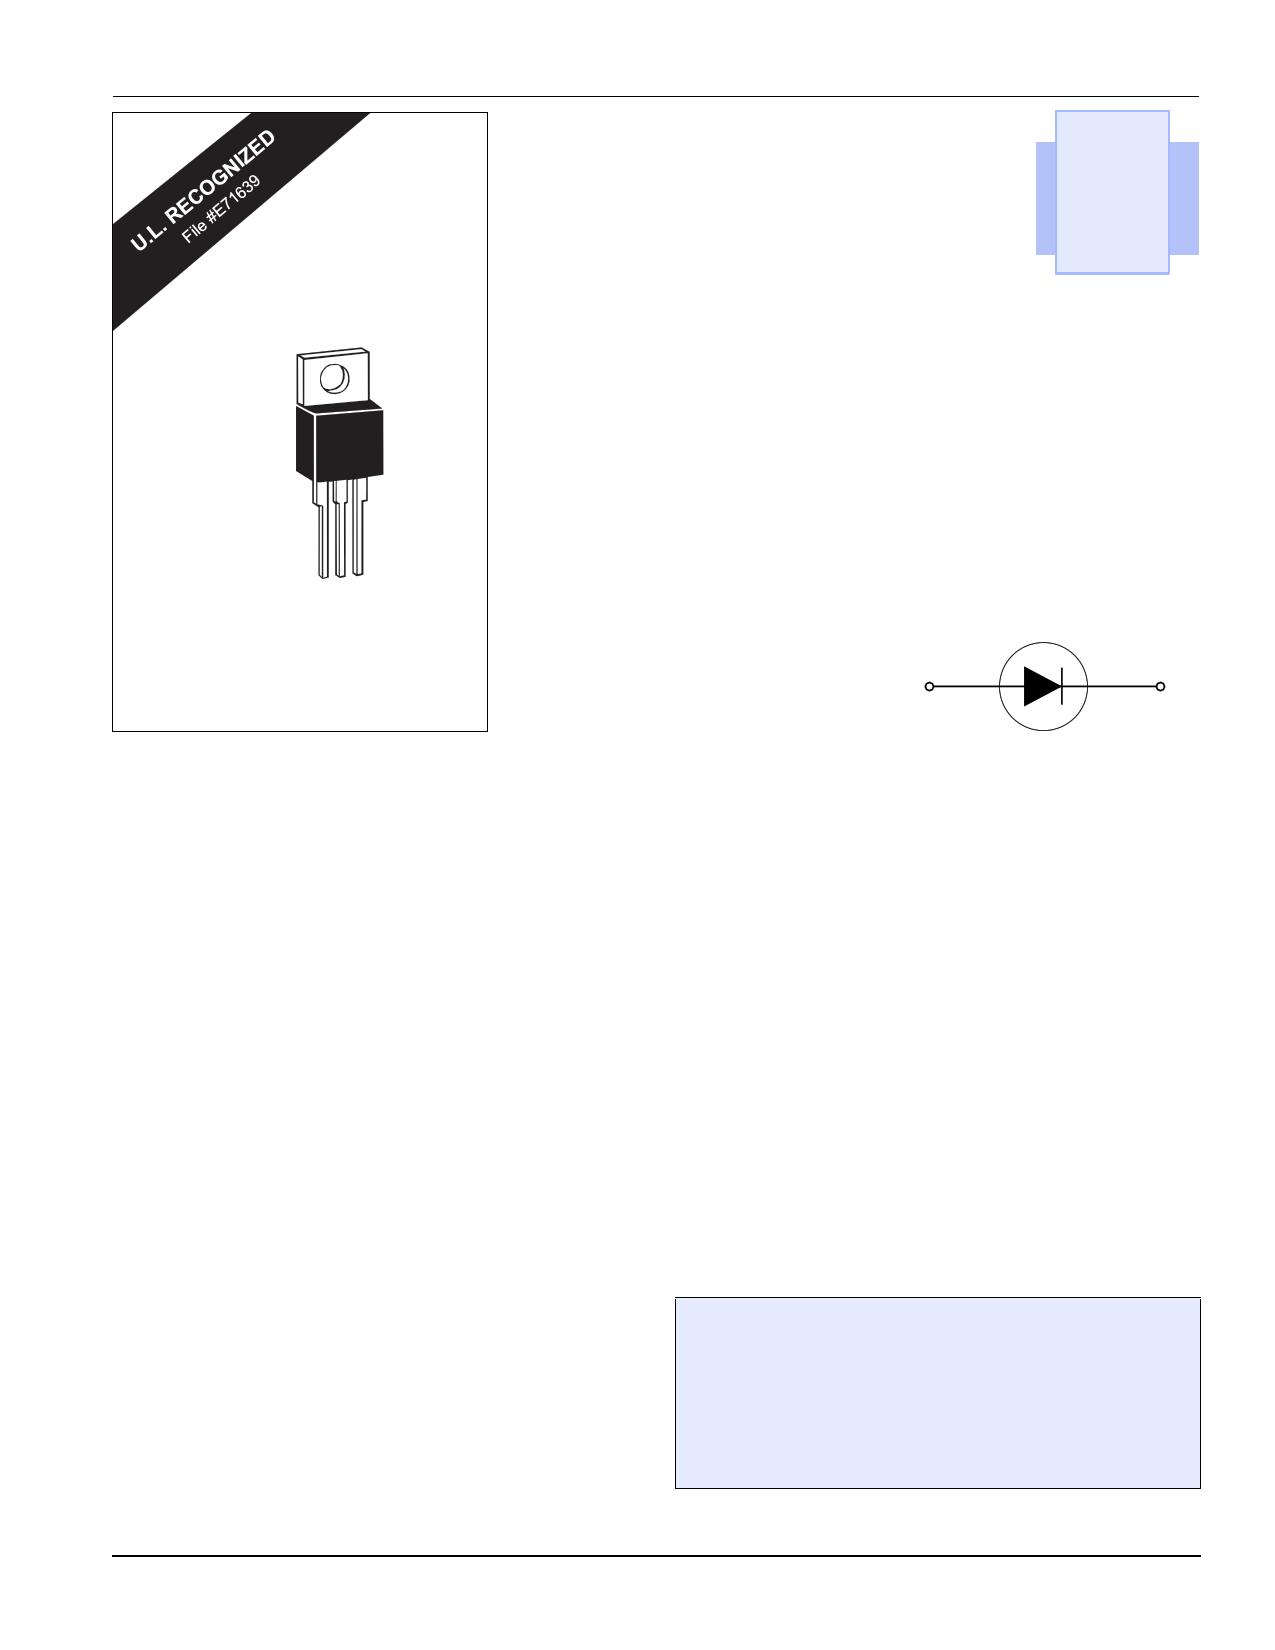 D2025 datasheet